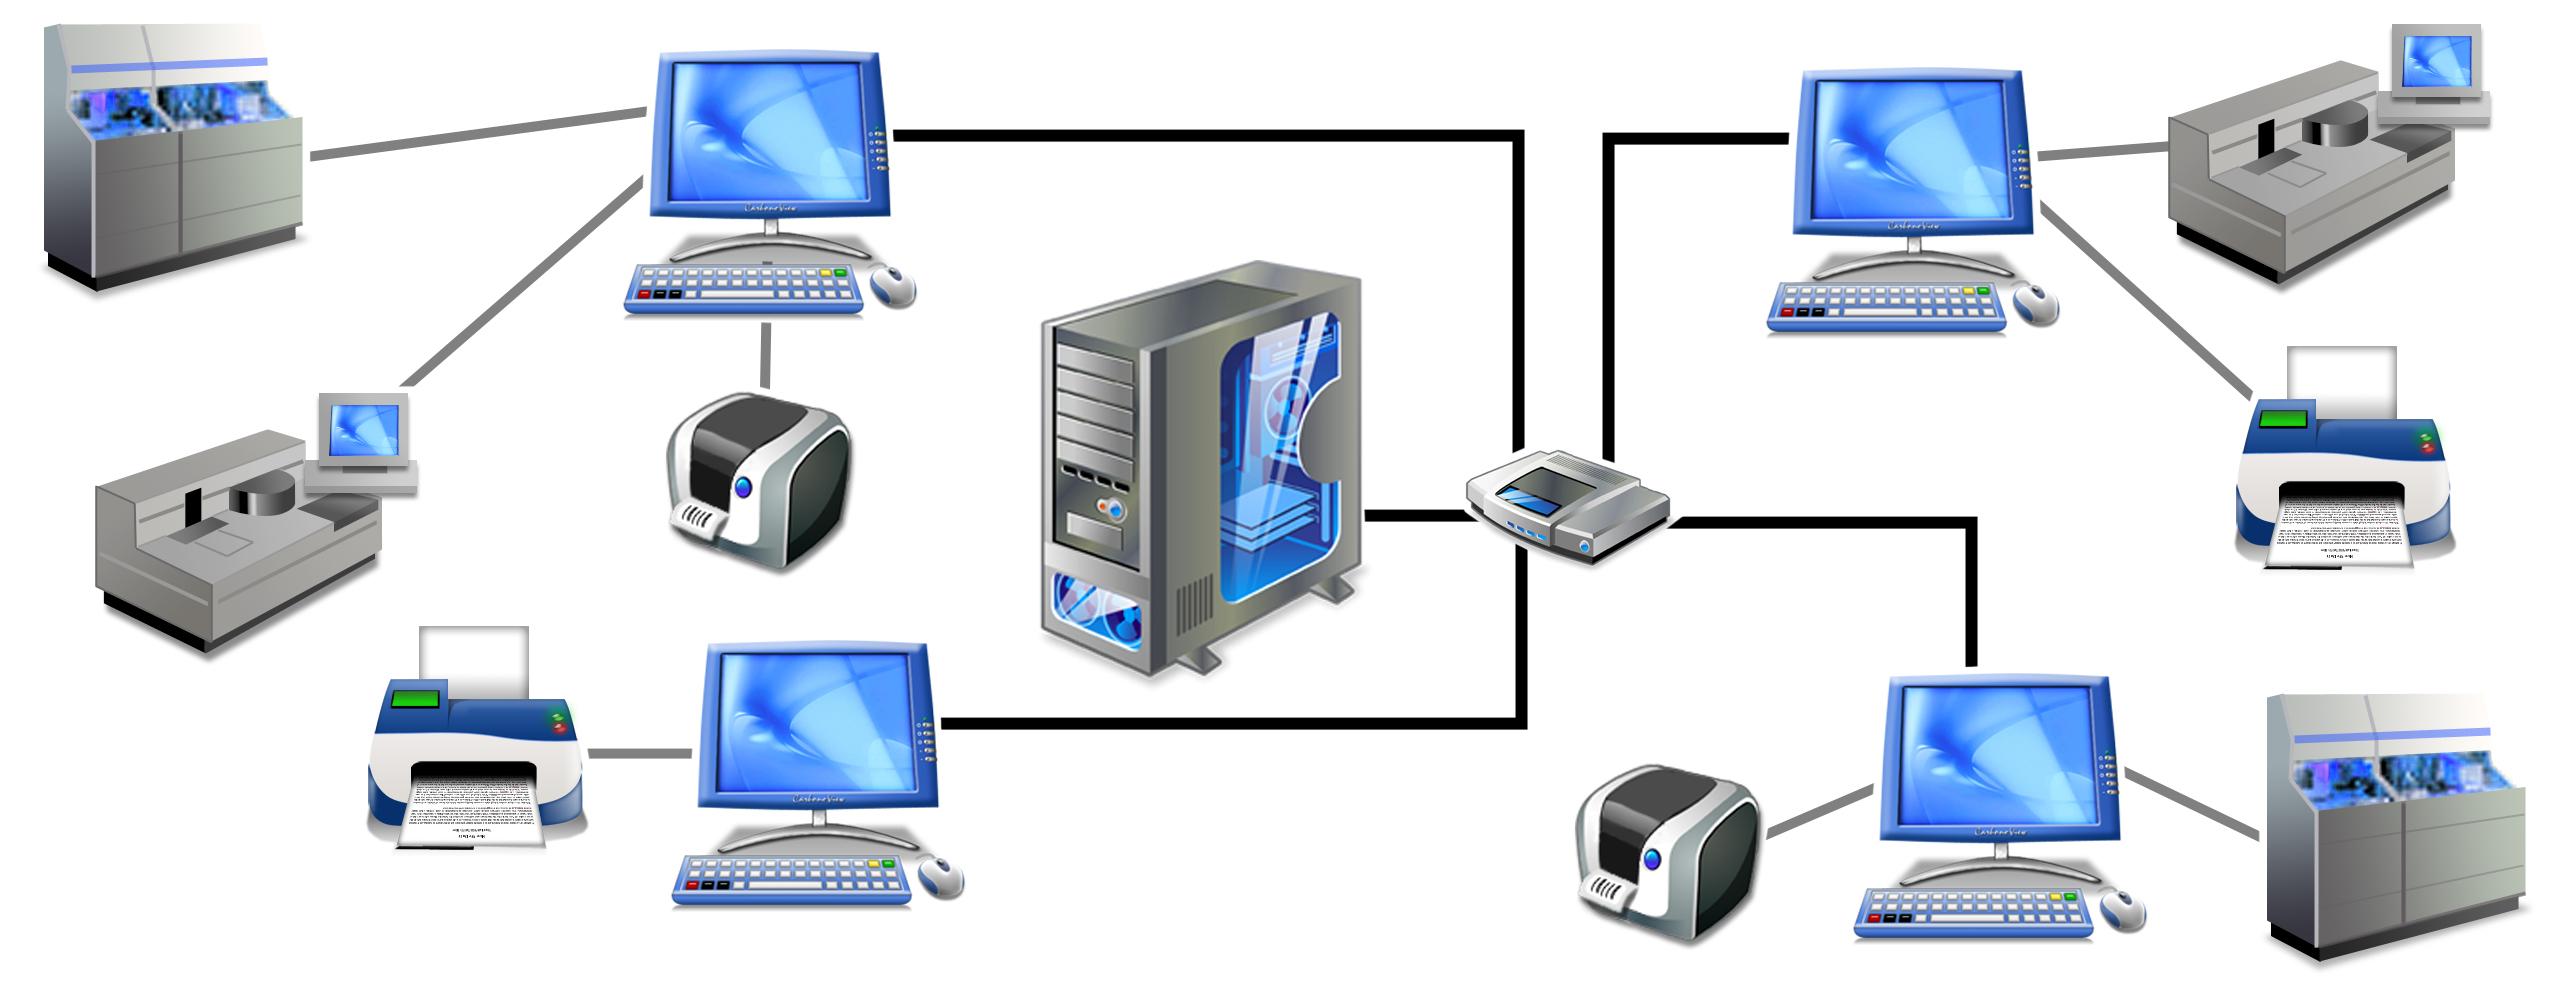 Network System Landsat Ict Solutions